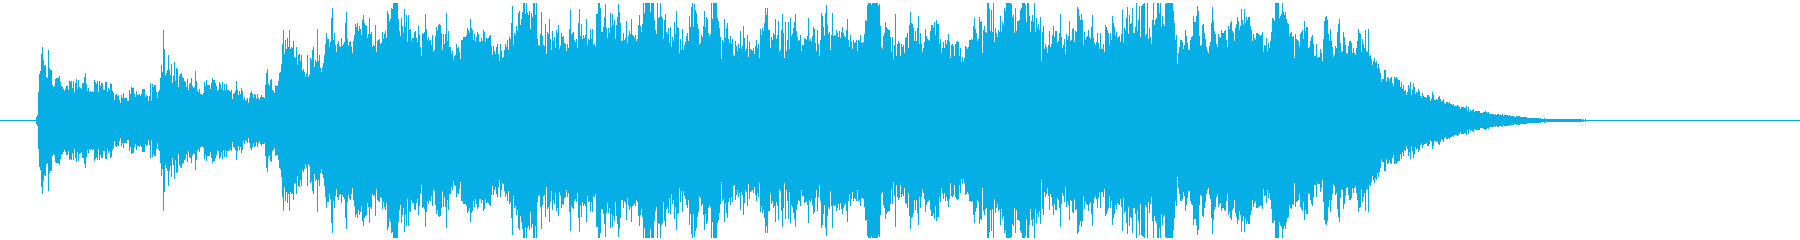 オーケストラのニューステーマ。高騰...の再生済みの波形